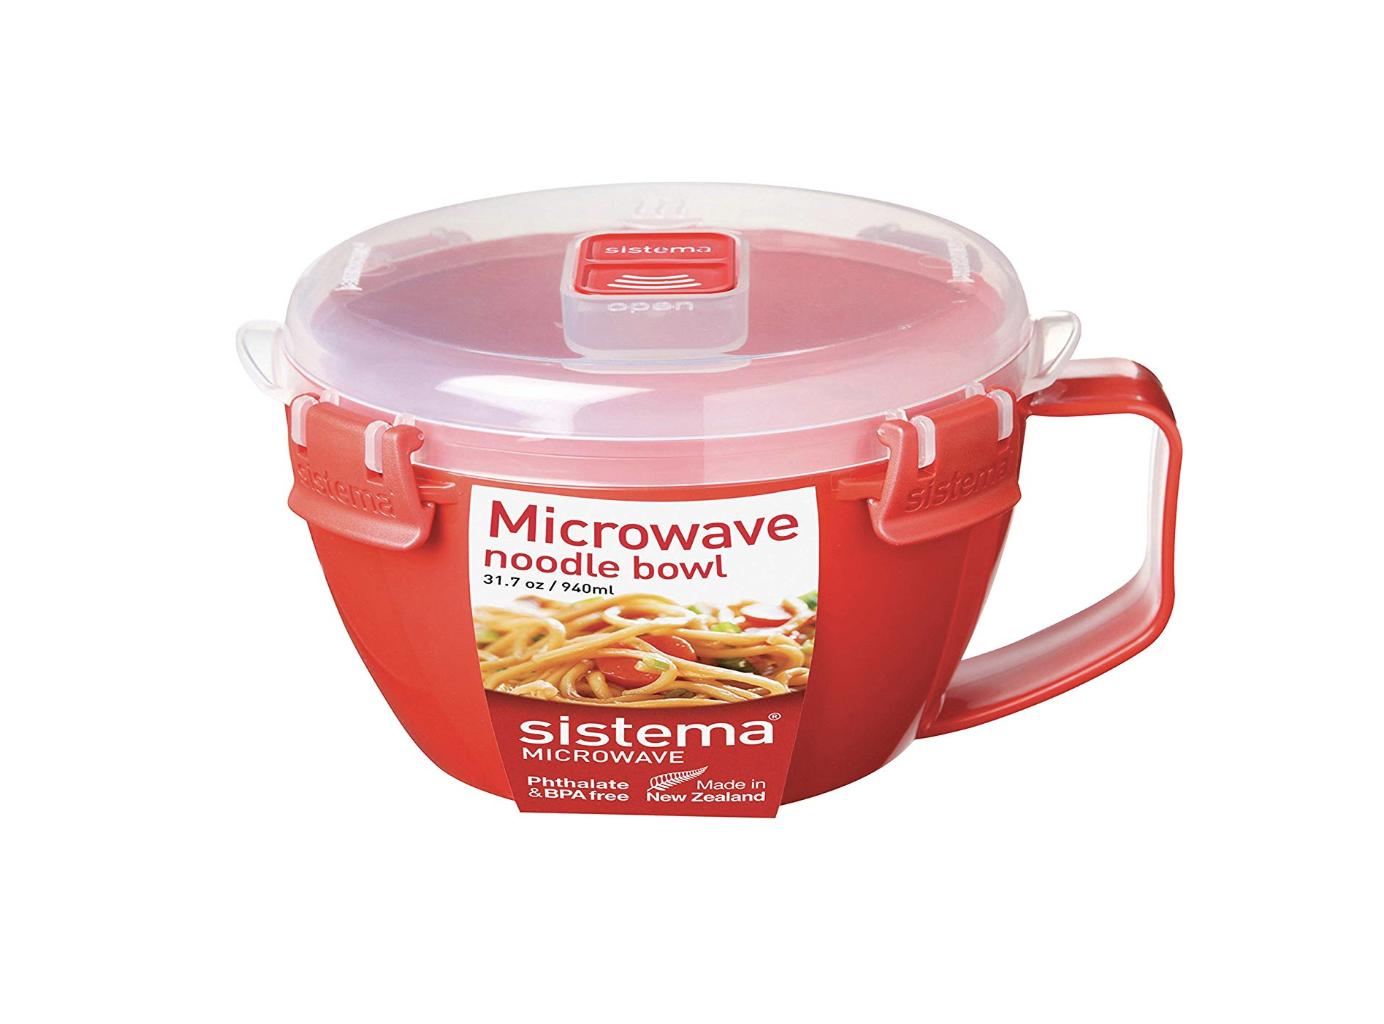 microwave noodle bowl